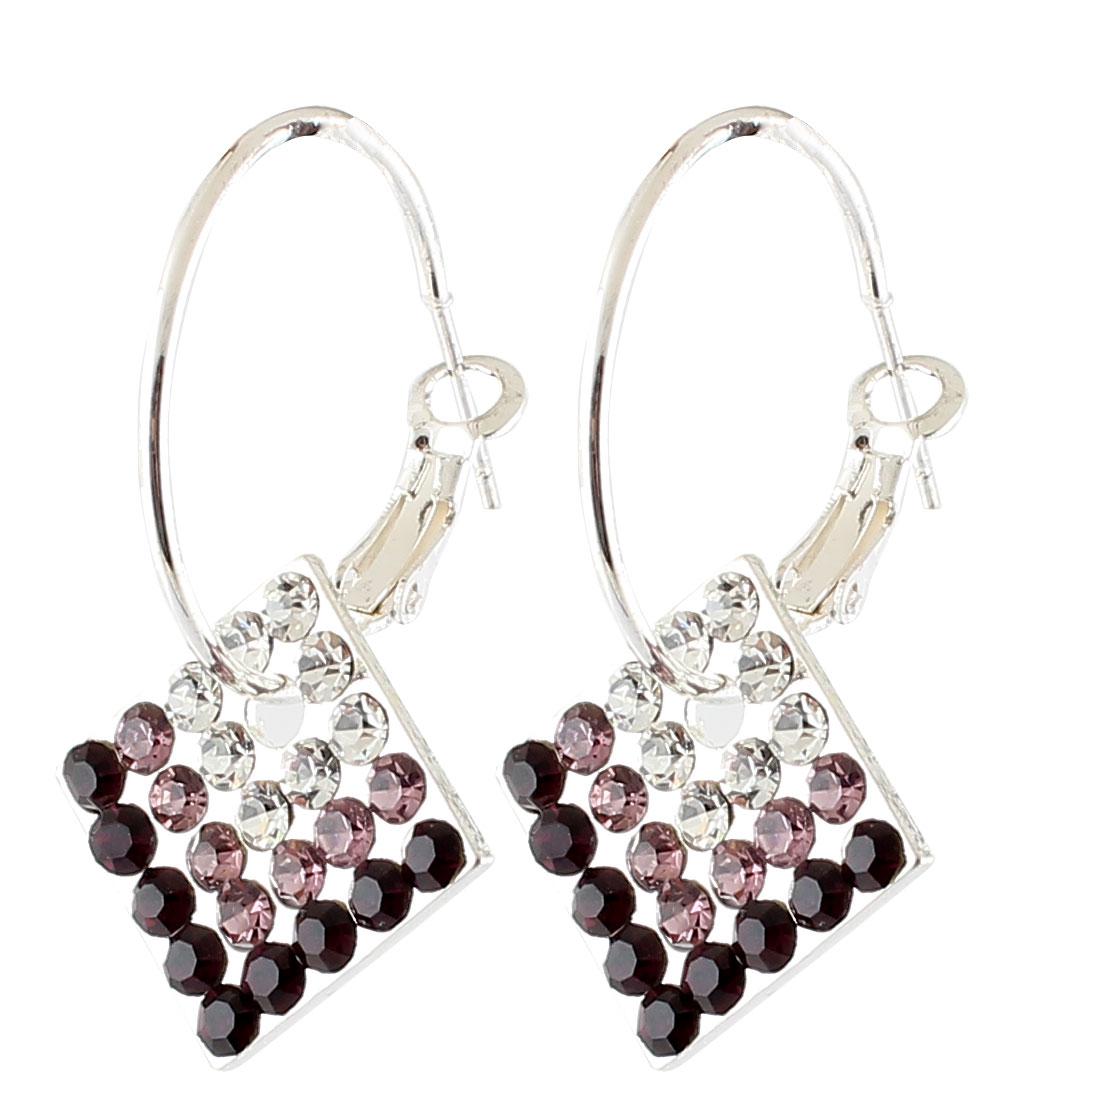 Lady Metal Ring Rhinestones Inlaid Quadrate Dangling Pendant Hook Earrings Purple Pair